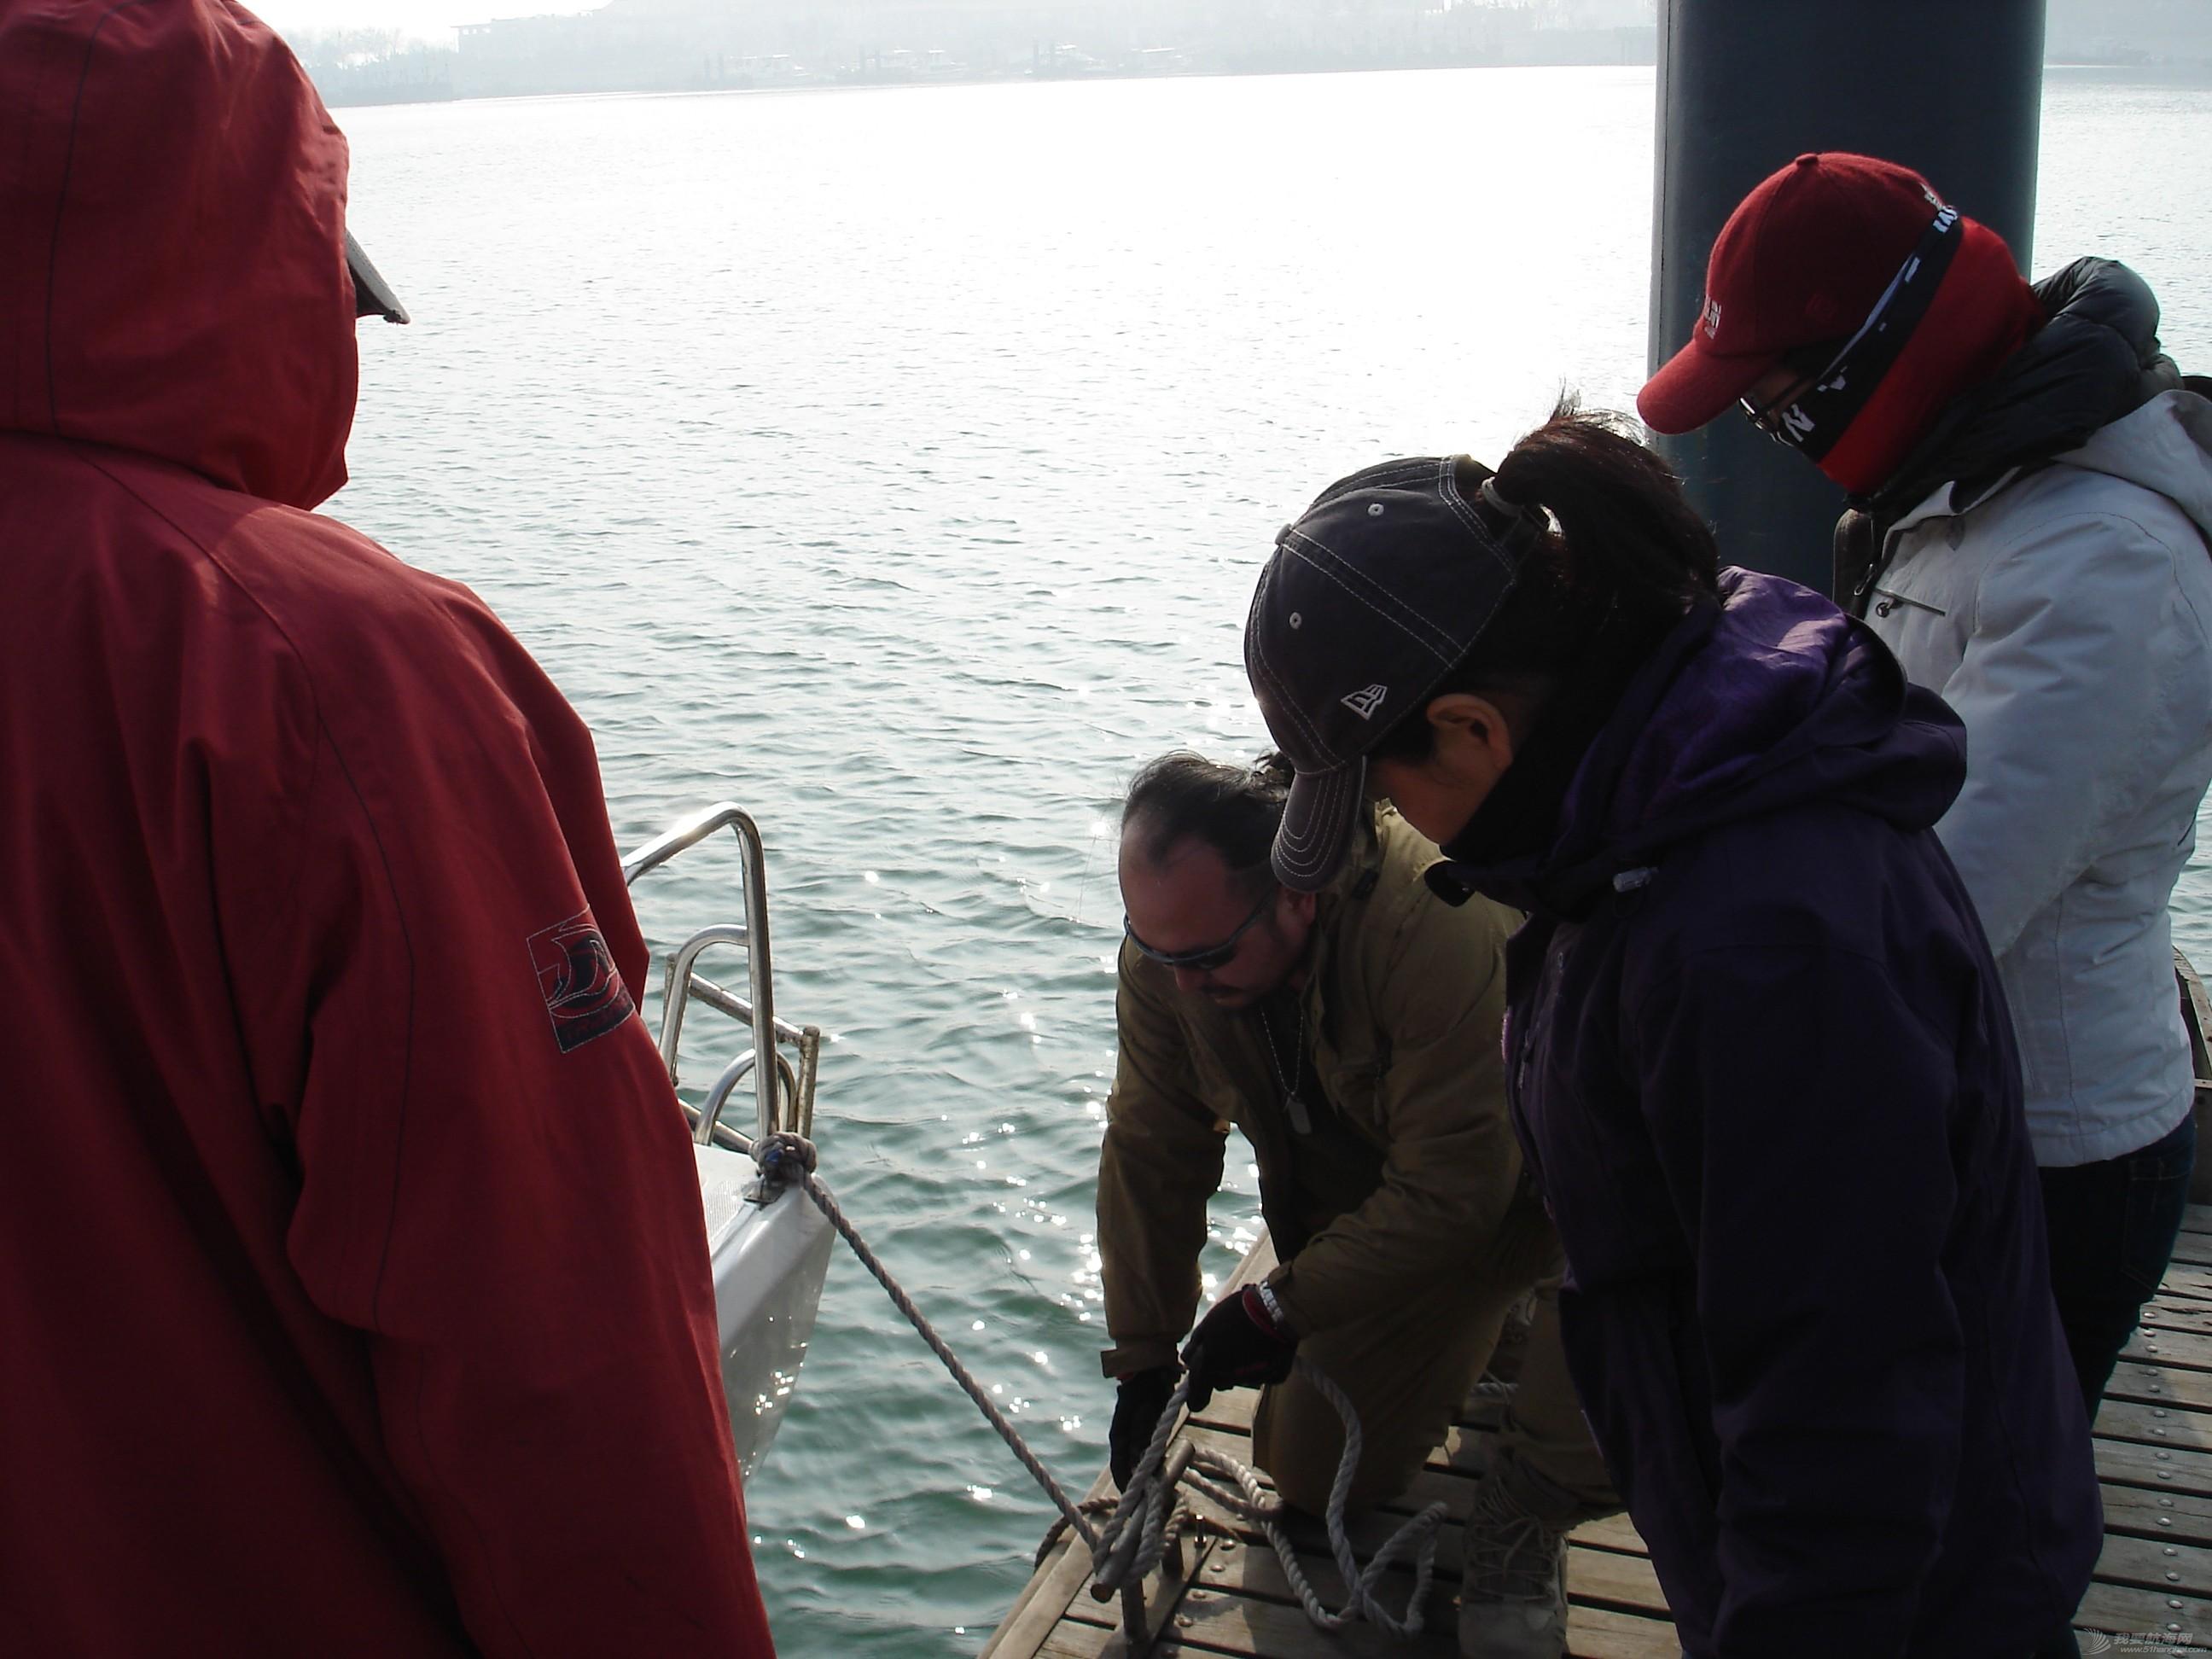 帆船 免费航海不是梦…我是十四期学员(我要去航海/全民公益航海帆船训练) DSC02077.JPG